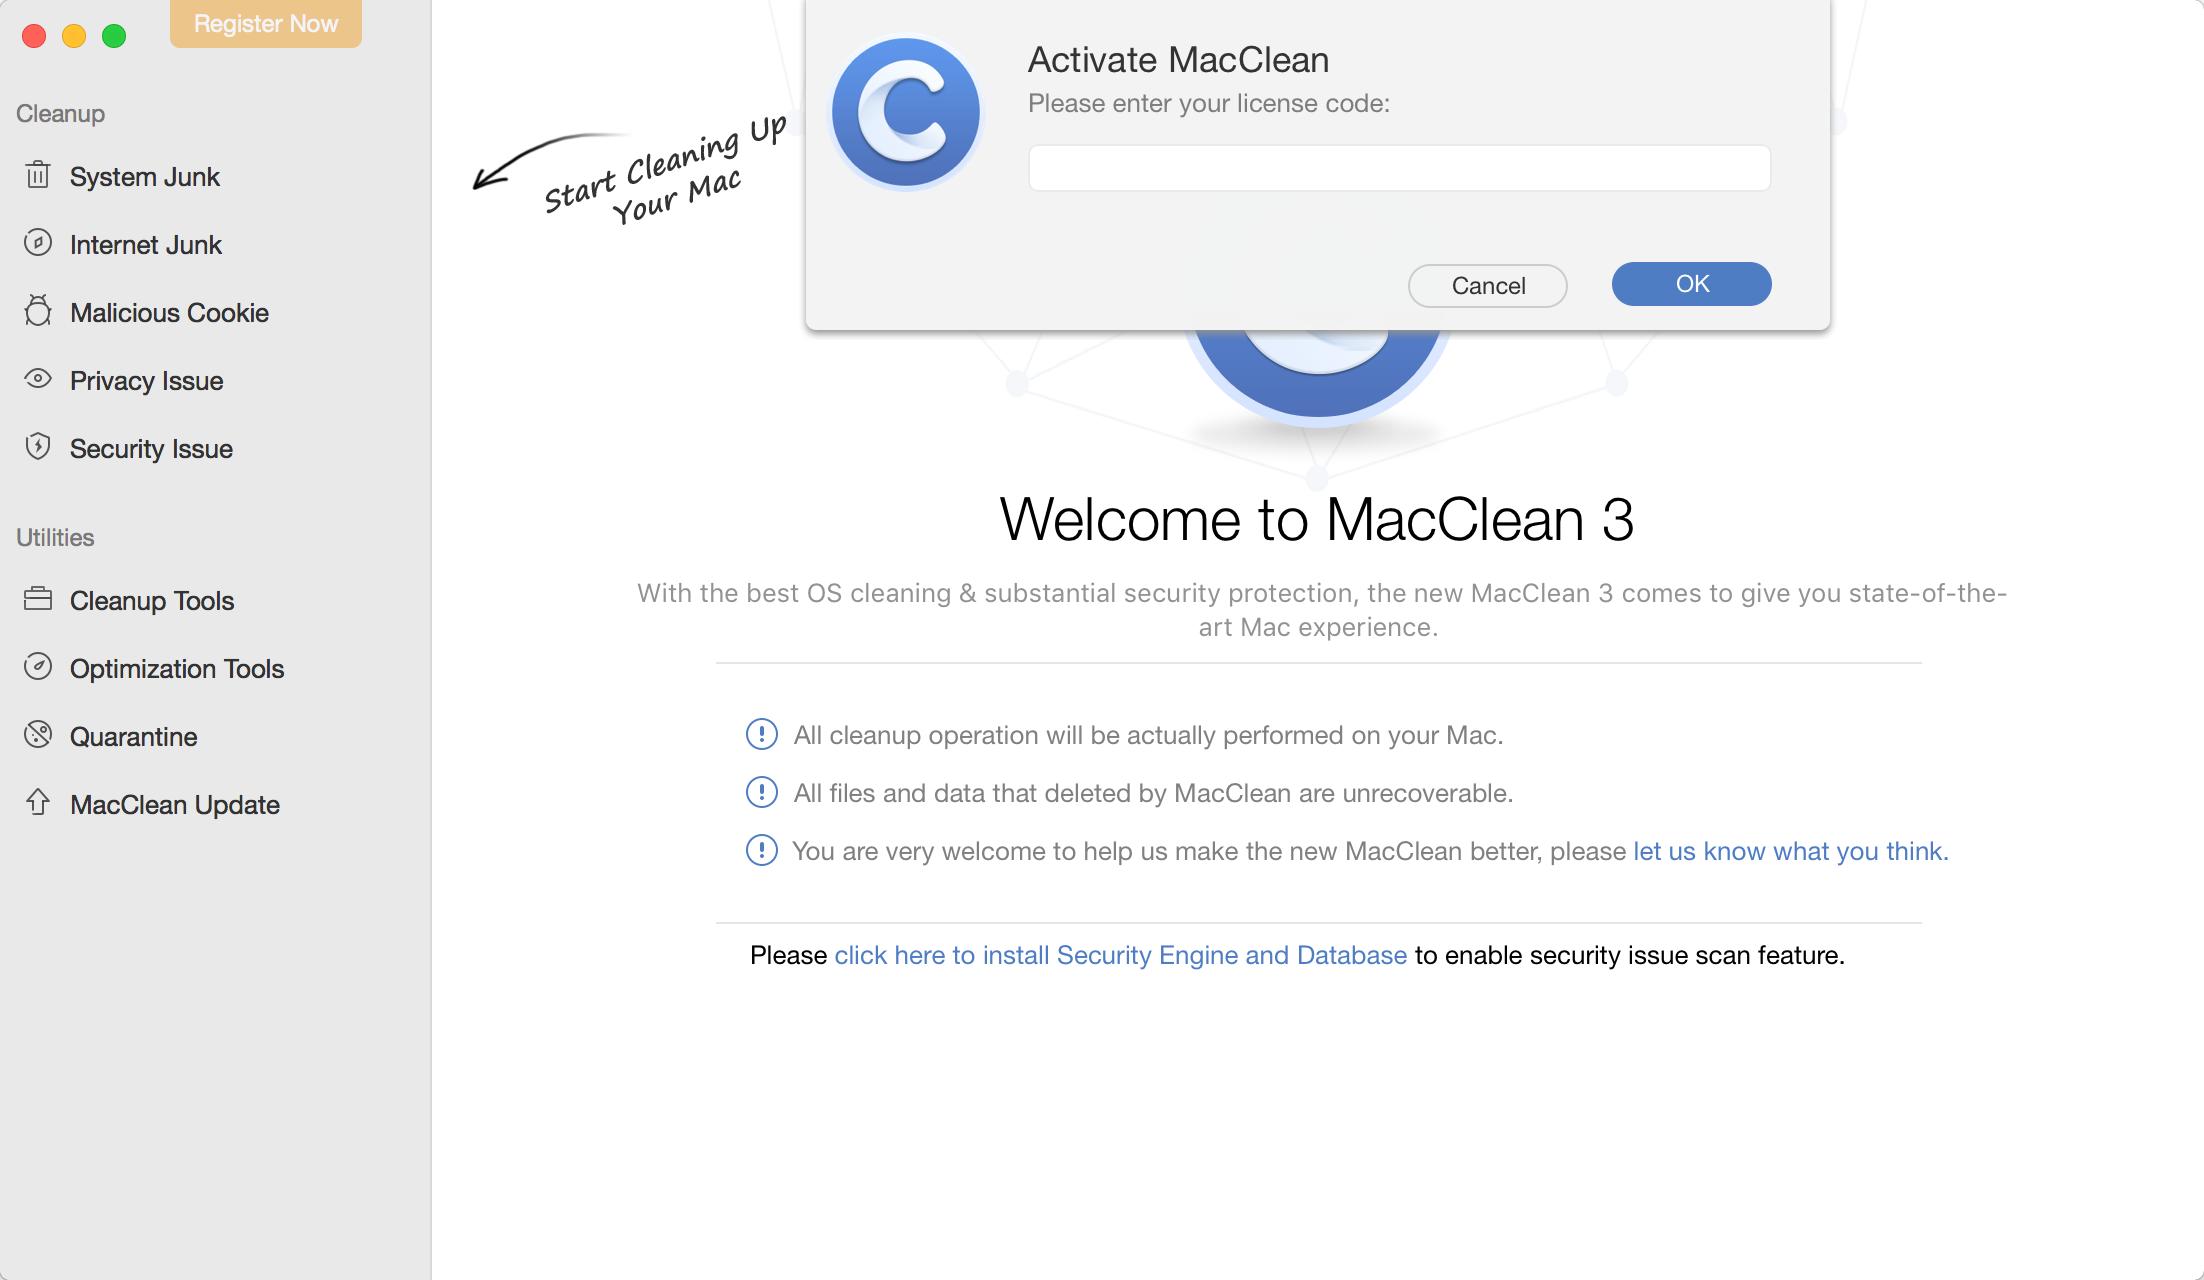 MacClean Activation